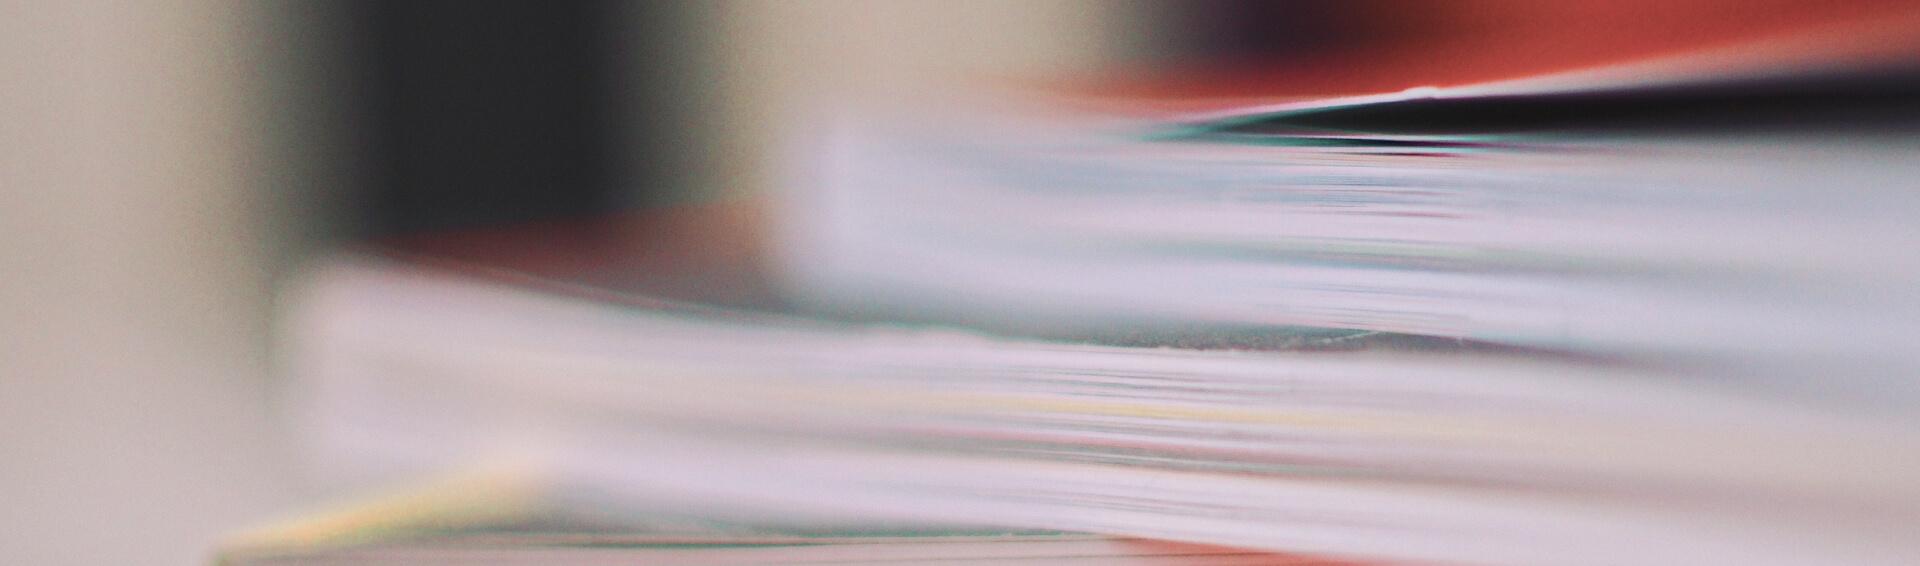 Background livros empilhados